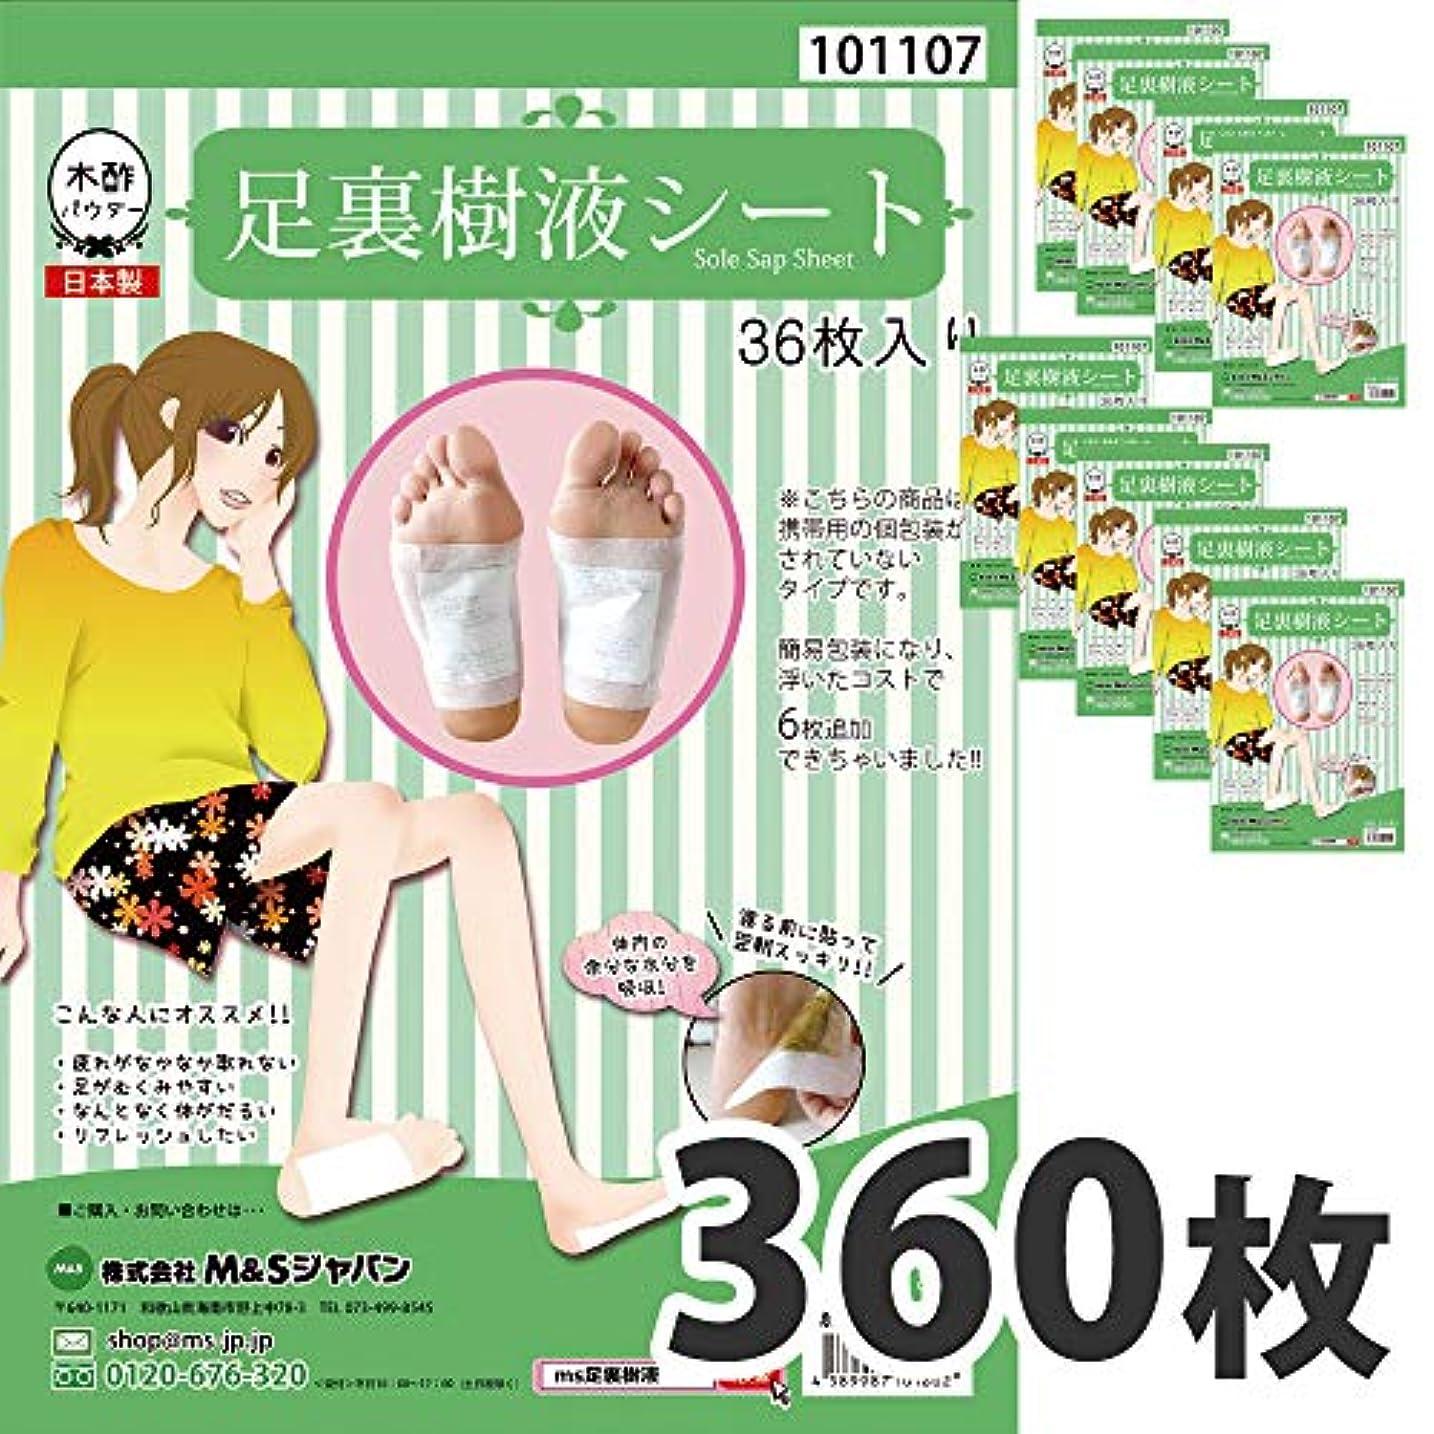 時間厳守排気クリーク日本製 足裏樹液シート 足裏シート お得 人気 樹液シート 足裏 (360枚入り)